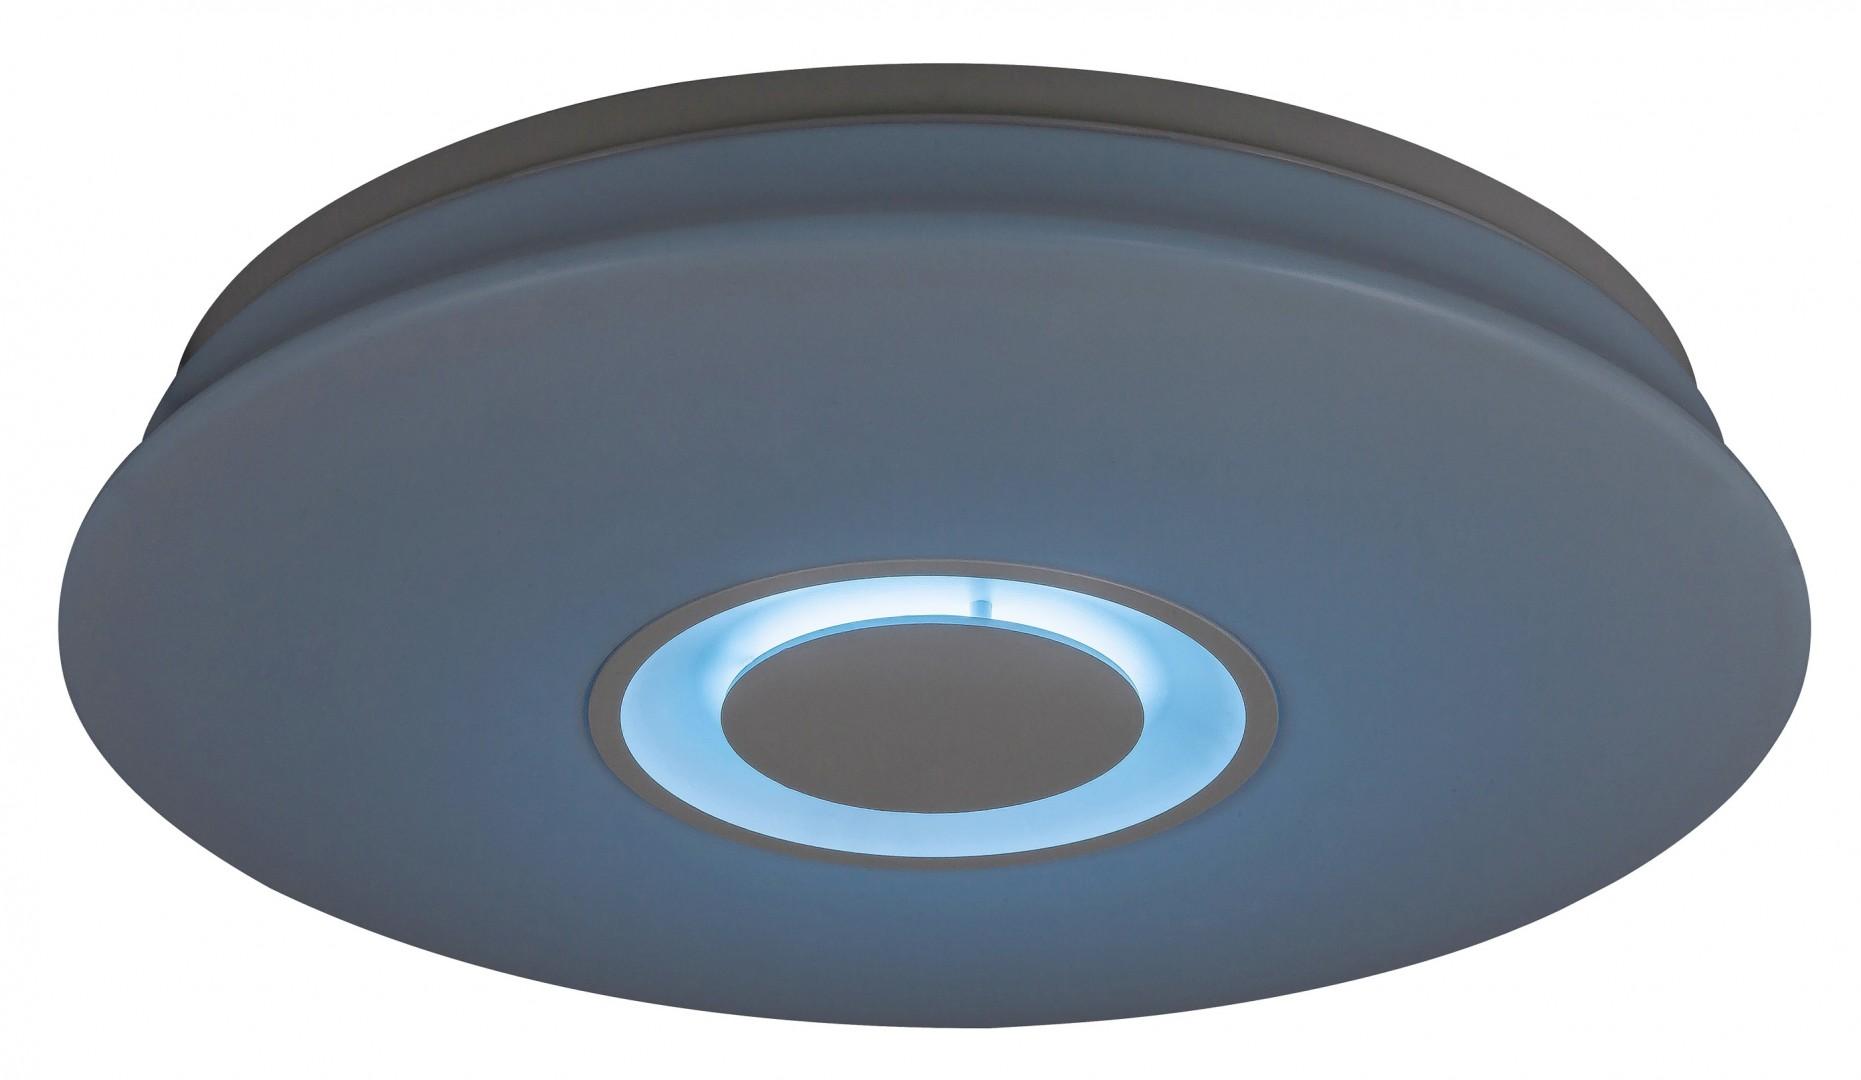 Plafoniere Con Altoparlanti : Livarno lux lampada led da soffitto con altoparlante bluetooth